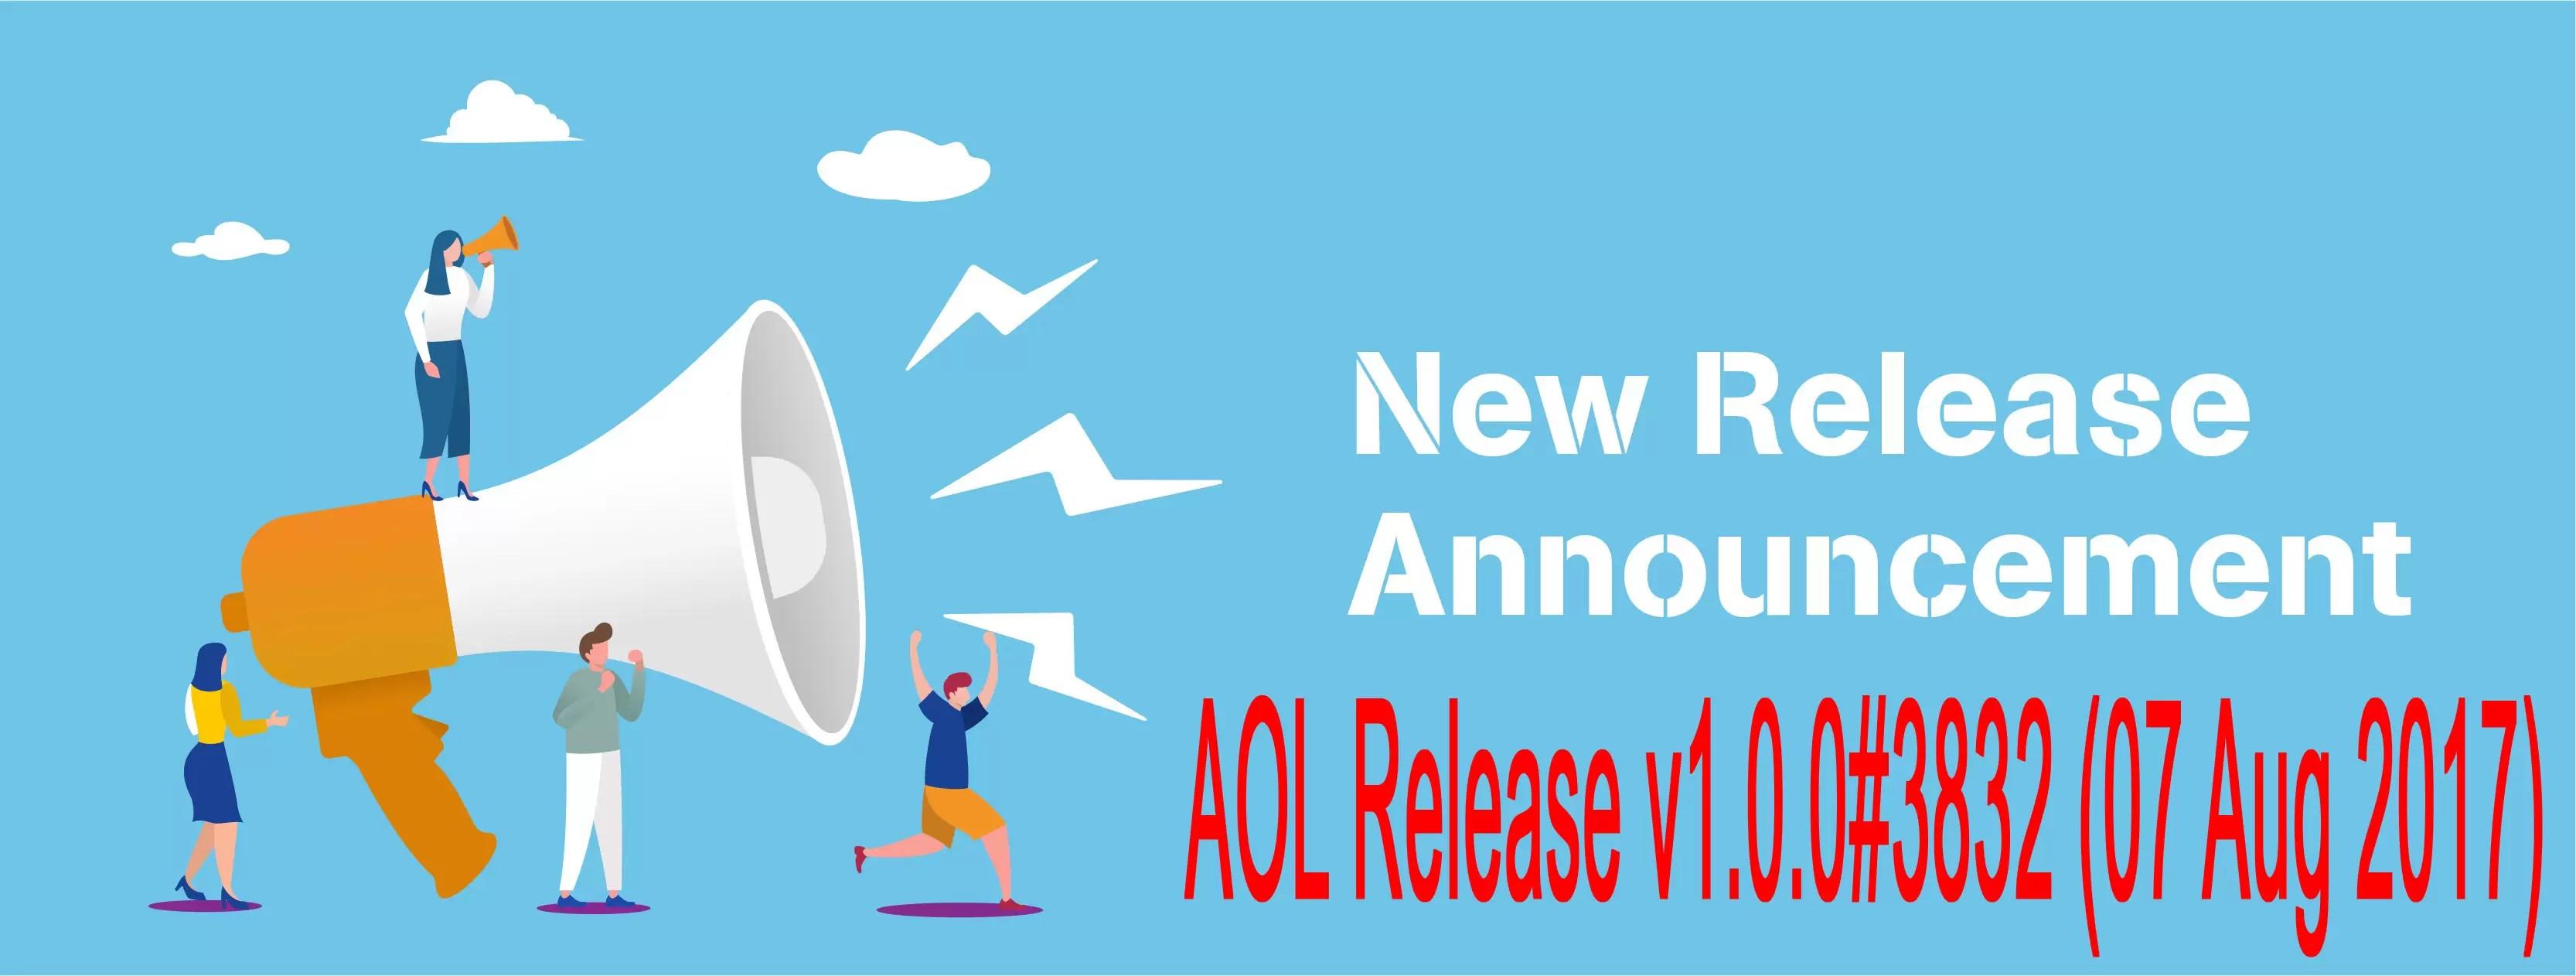 Release v1.0.0#3832 (07 Aug 2017)